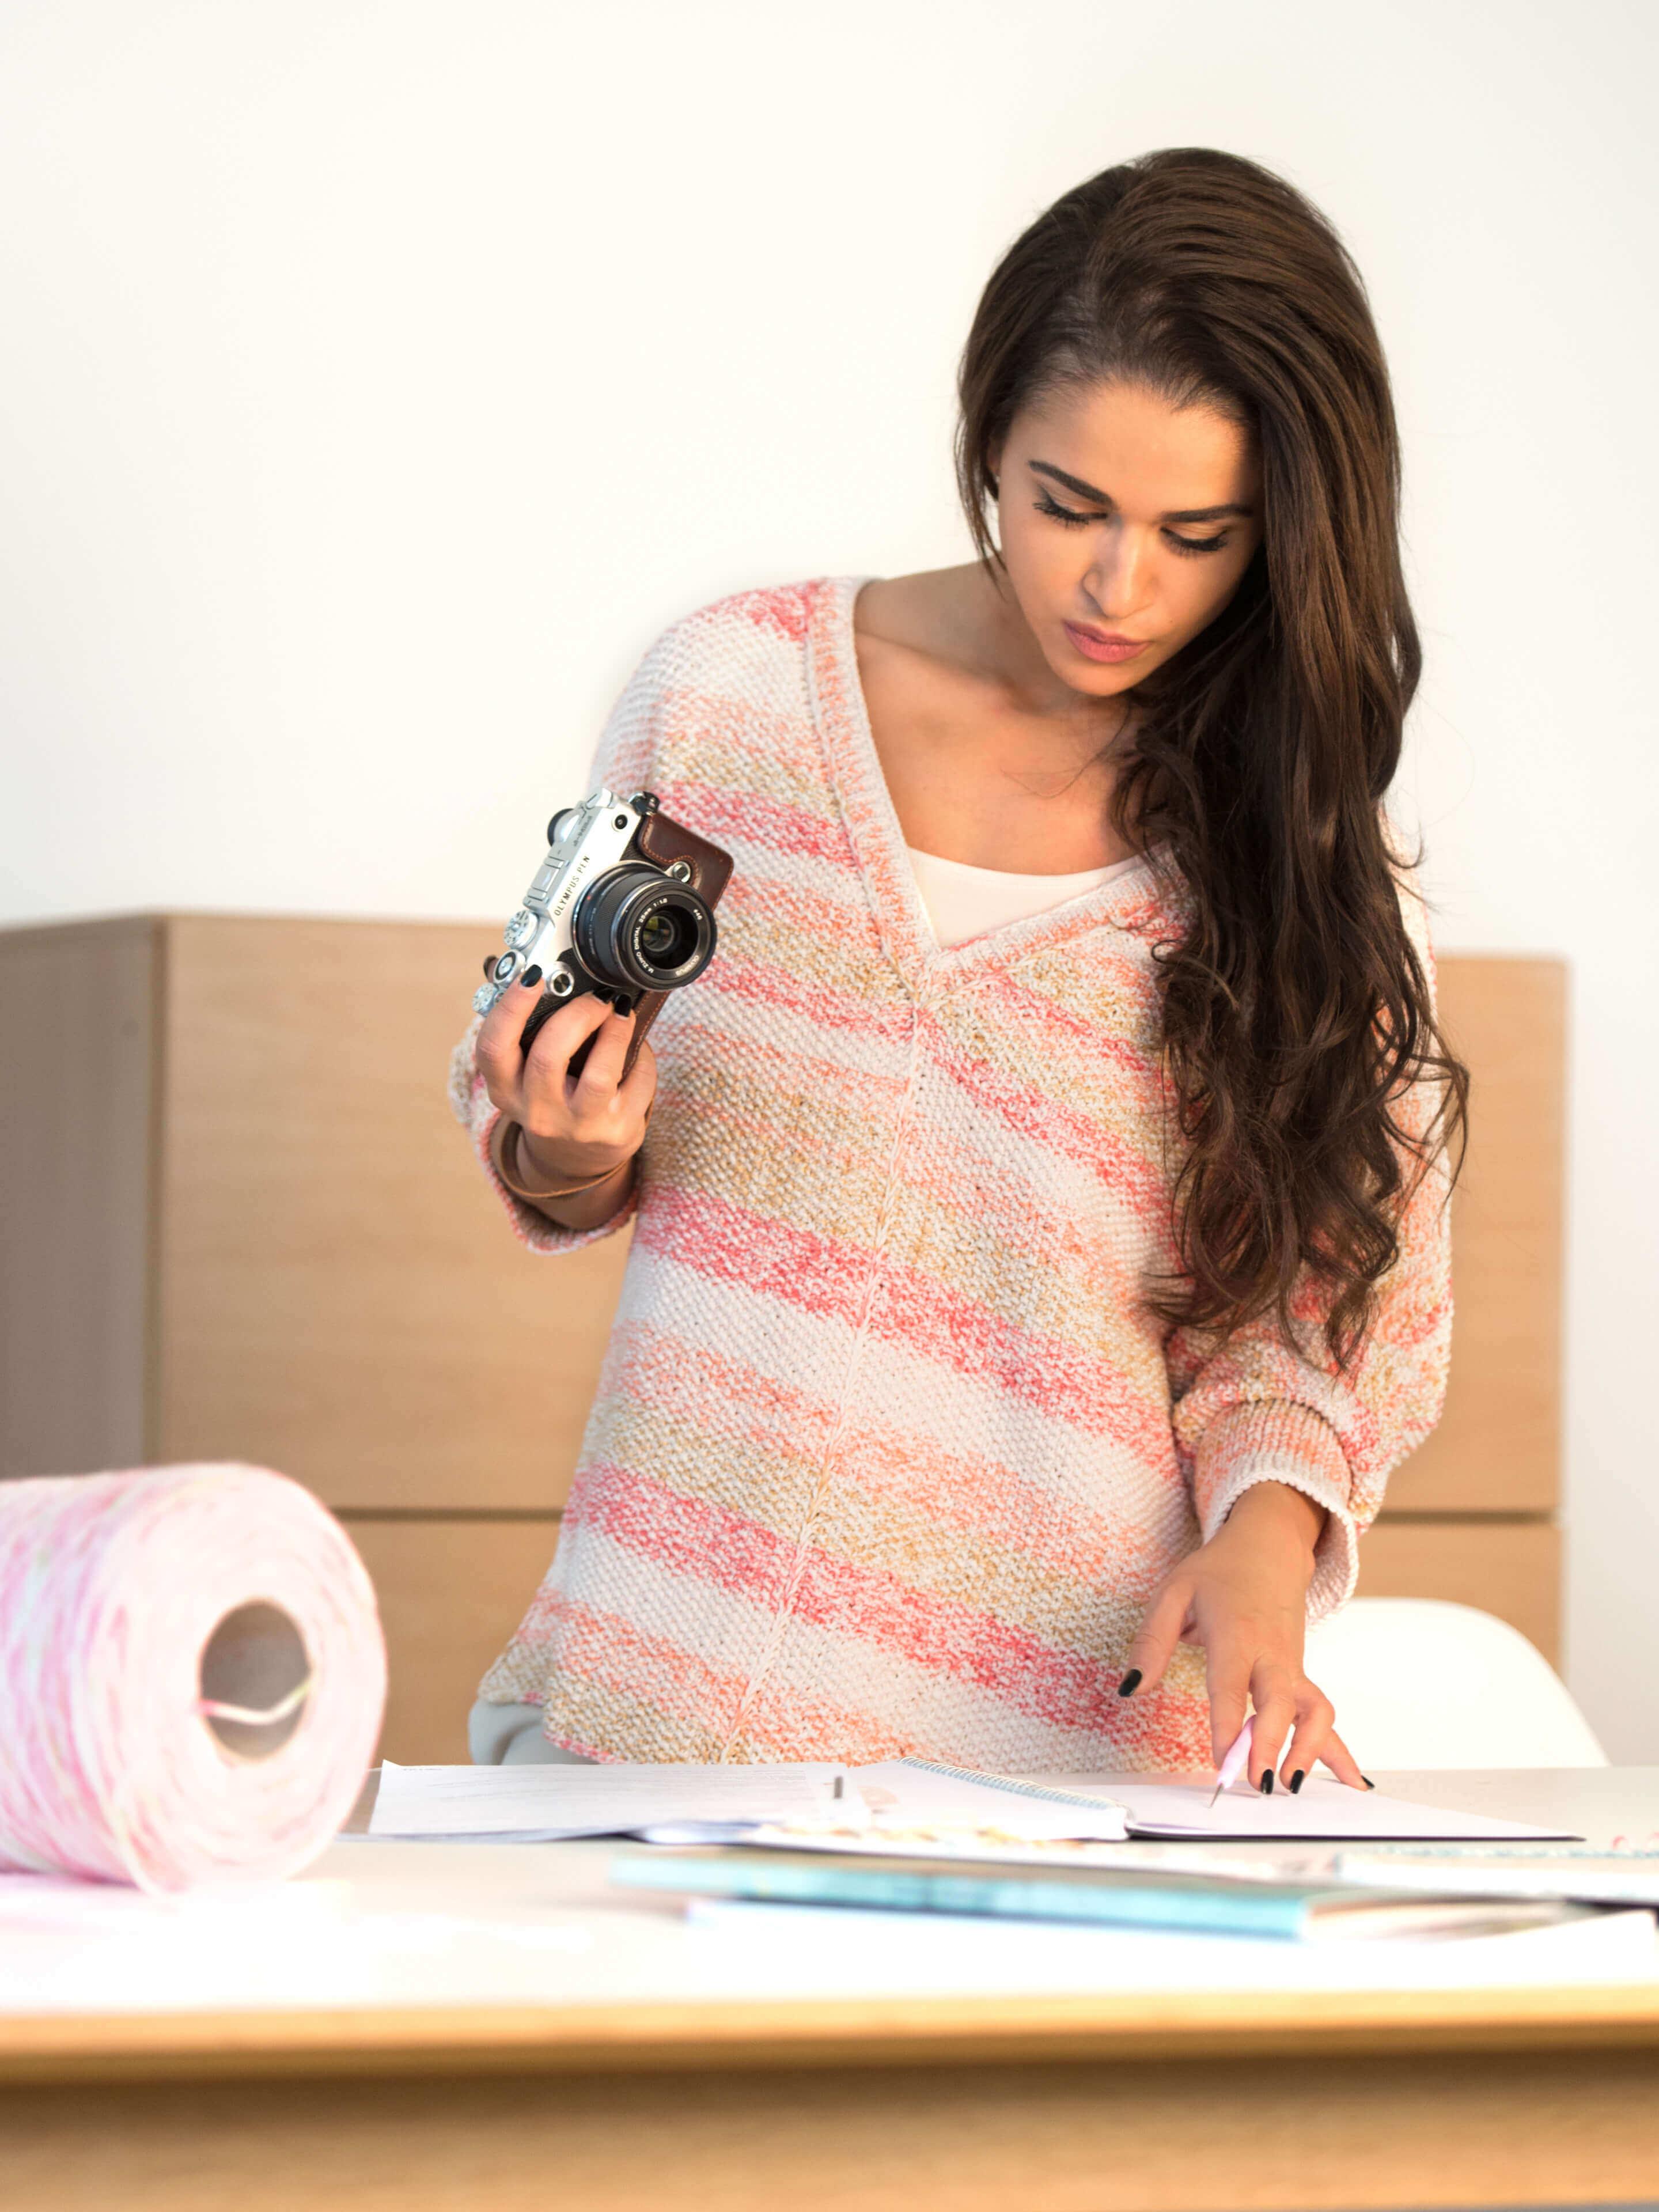 Frau mit Fotoapparat und gestricktem Pullover in Pastellfarben